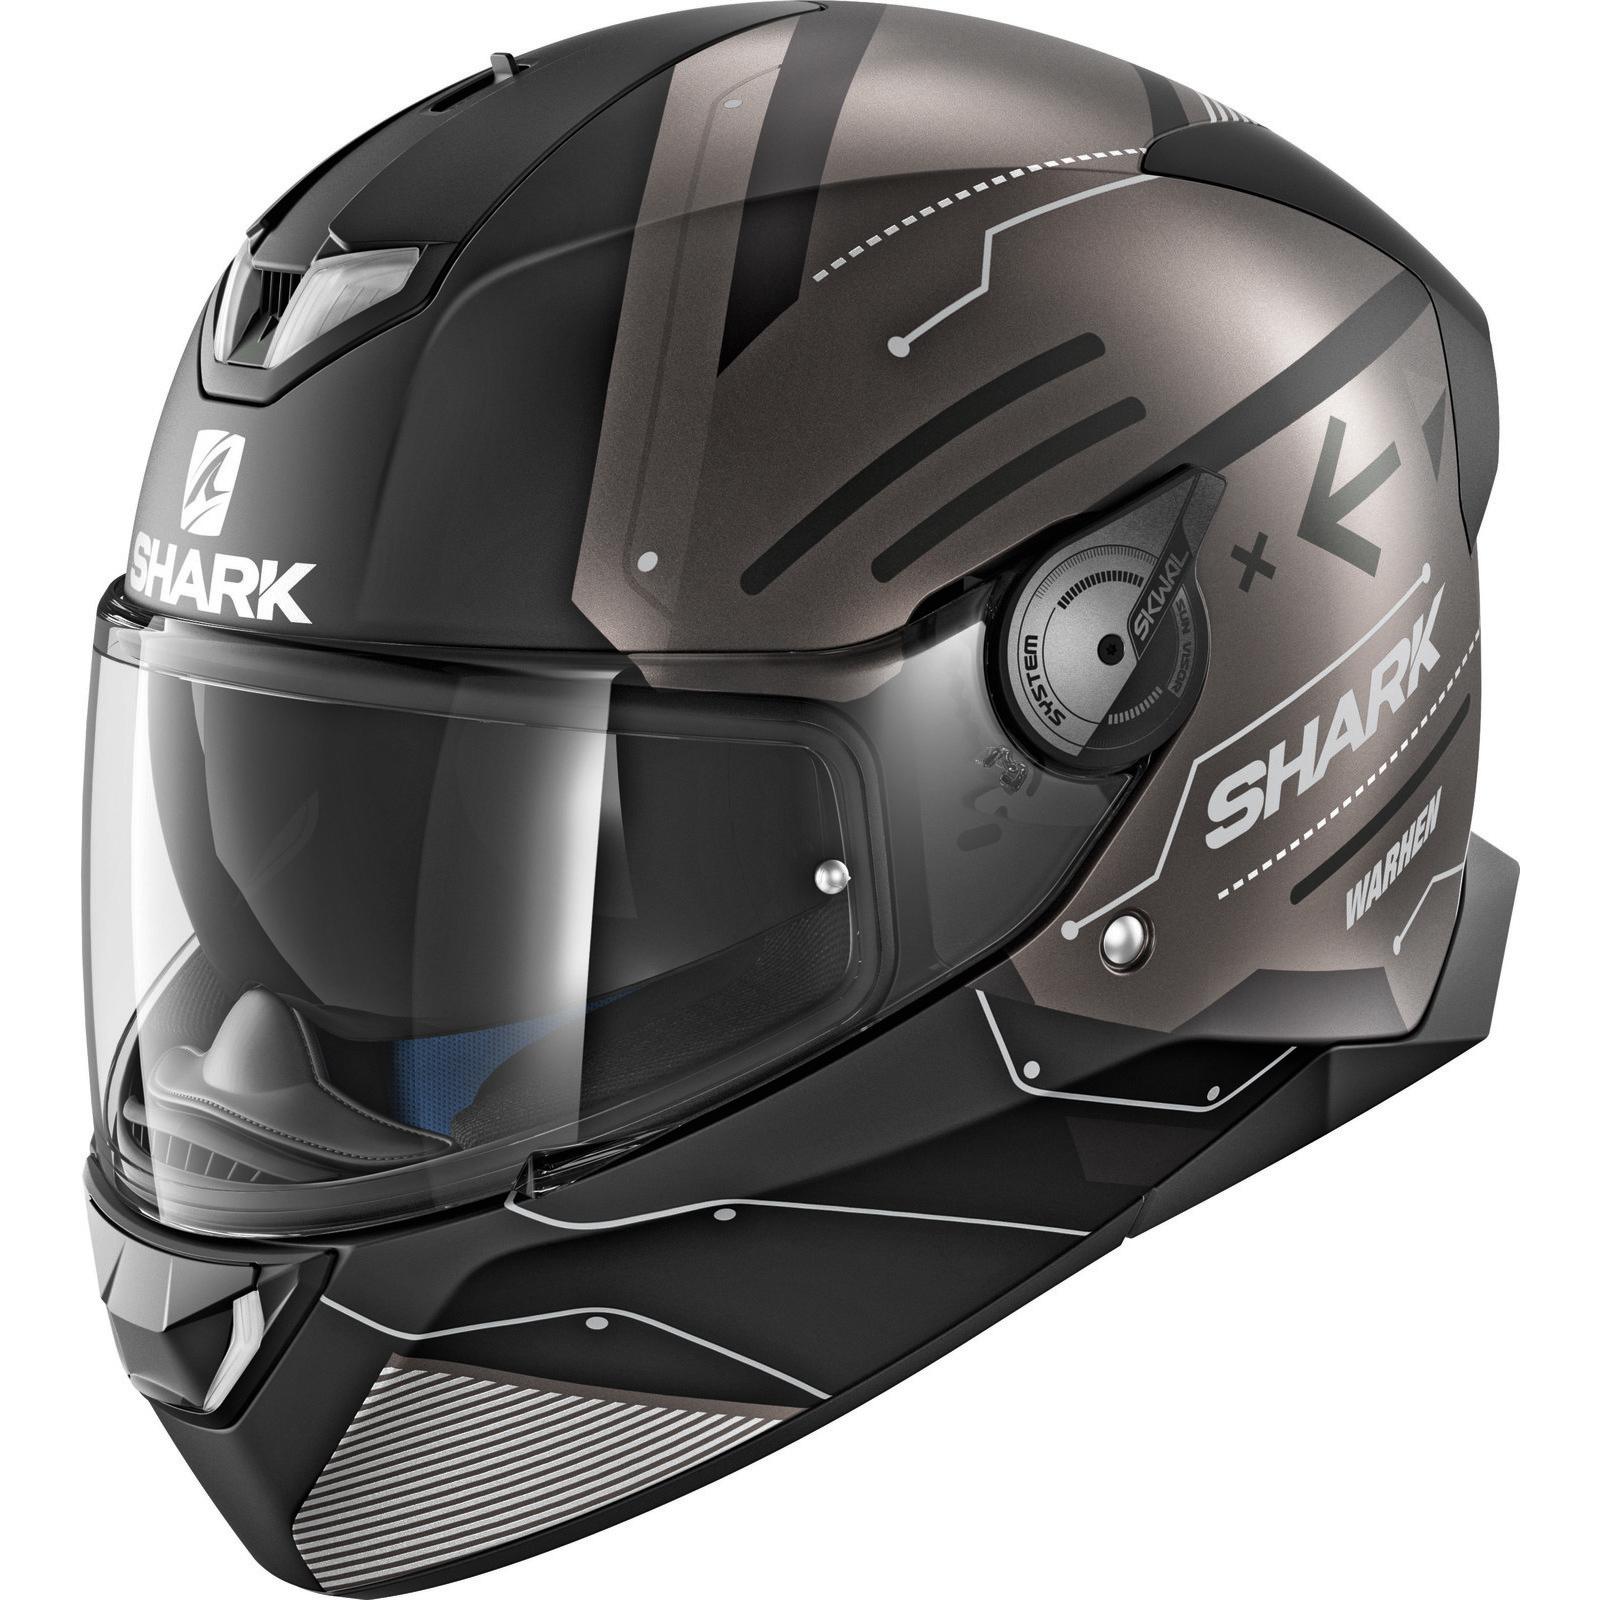 shark skwal 2 warhen motorcycle helmet visor street bike lid with led system ebay. Black Bedroom Furniture Sets. Home Design Ideas